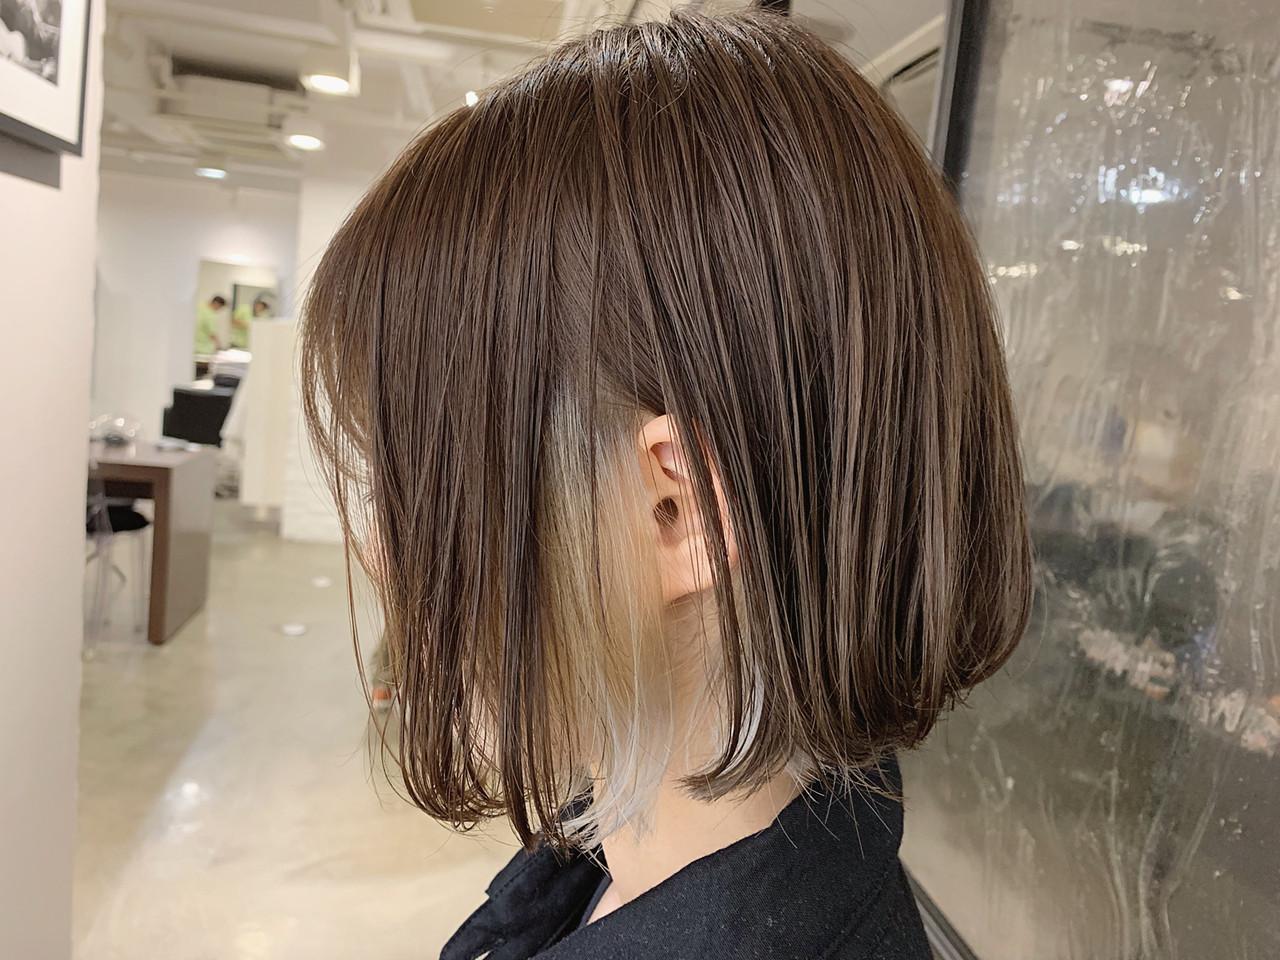 フェミニン ボブヘアー ブリーチ必須 ショートボブ ヘアスタイルや髪型の写真・画像